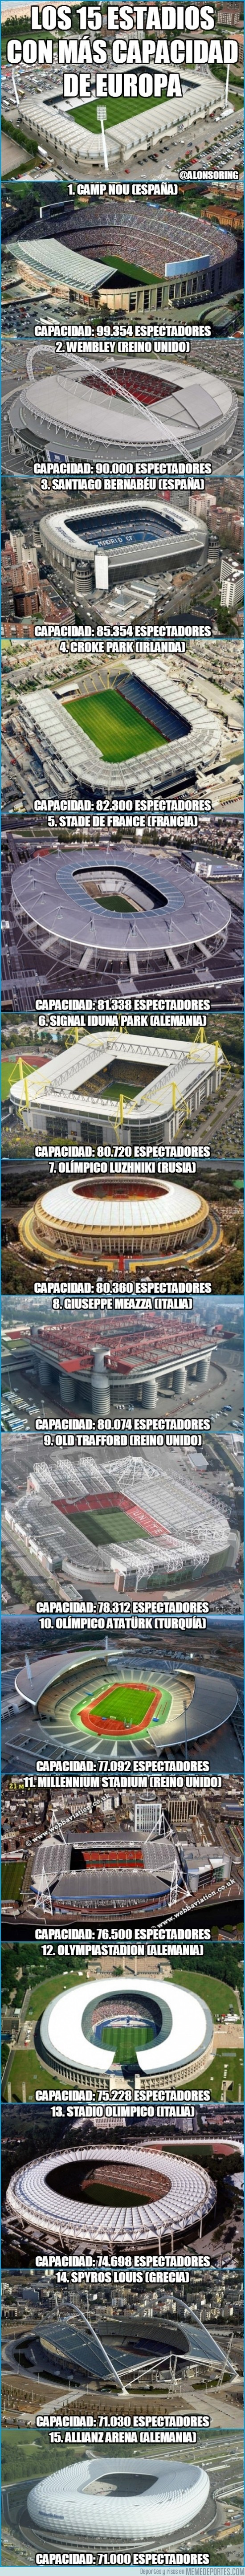 69291 - Estadios con más capacidad de Europa